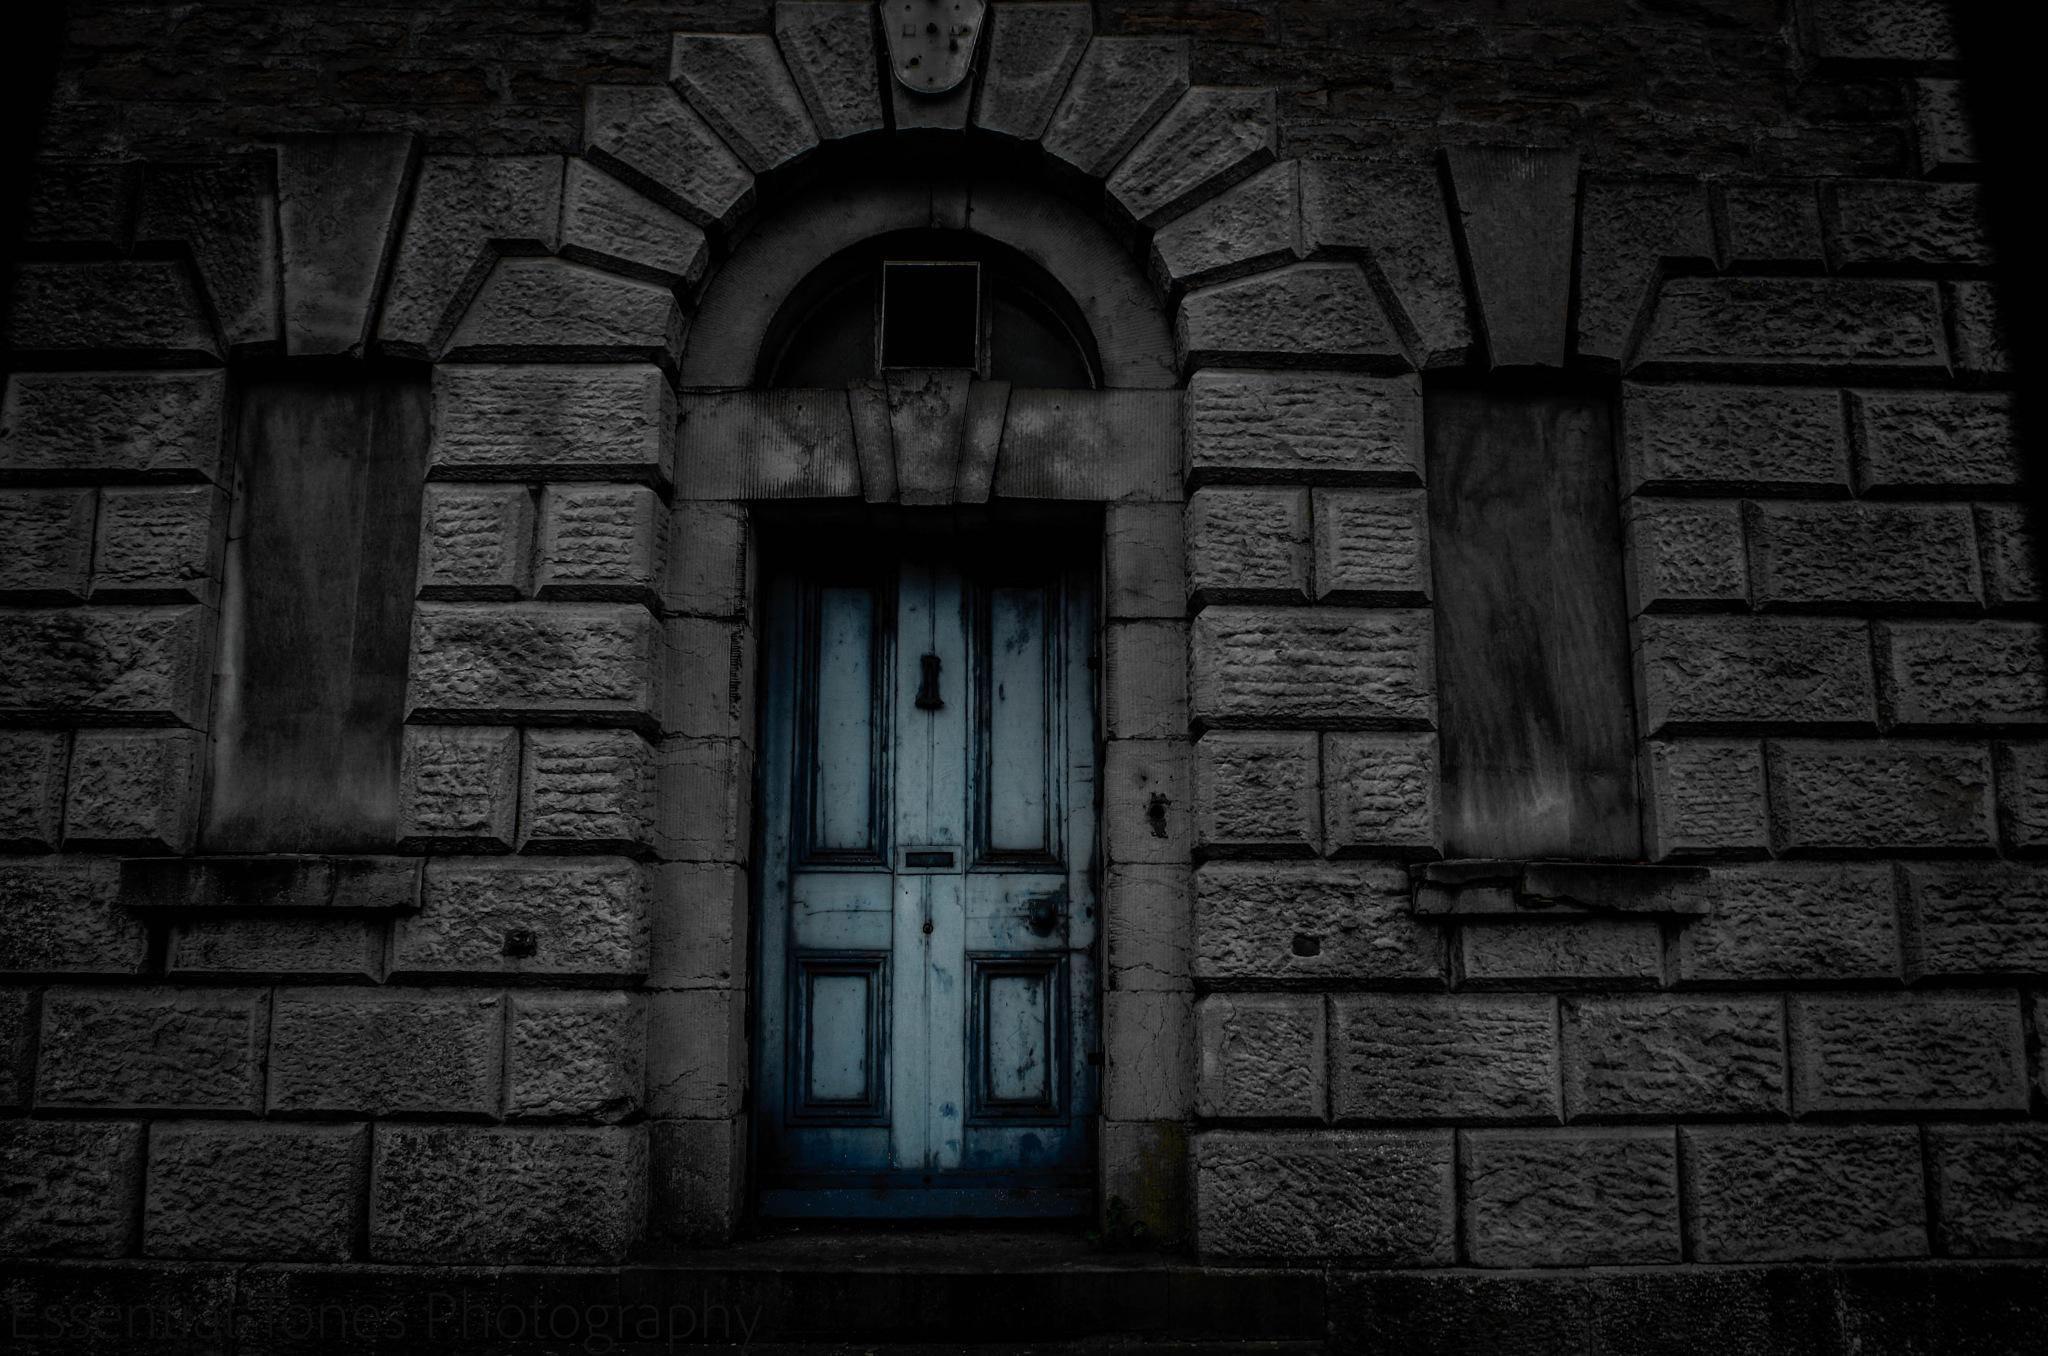 Deaths Door by essentialtonesphotography